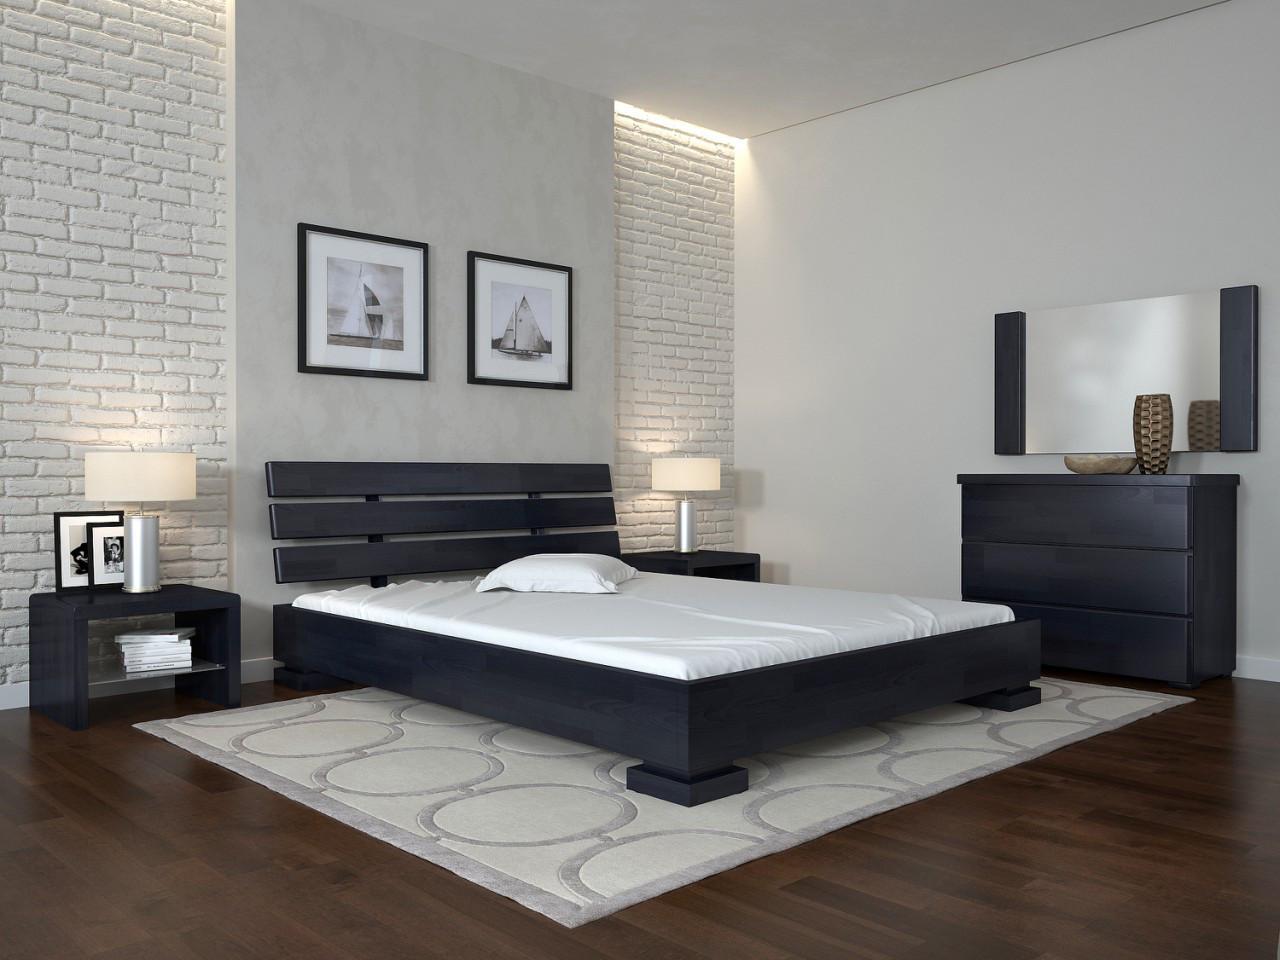 Деревянная кровать Премьер 120х190 см ТМ Arbor Drev